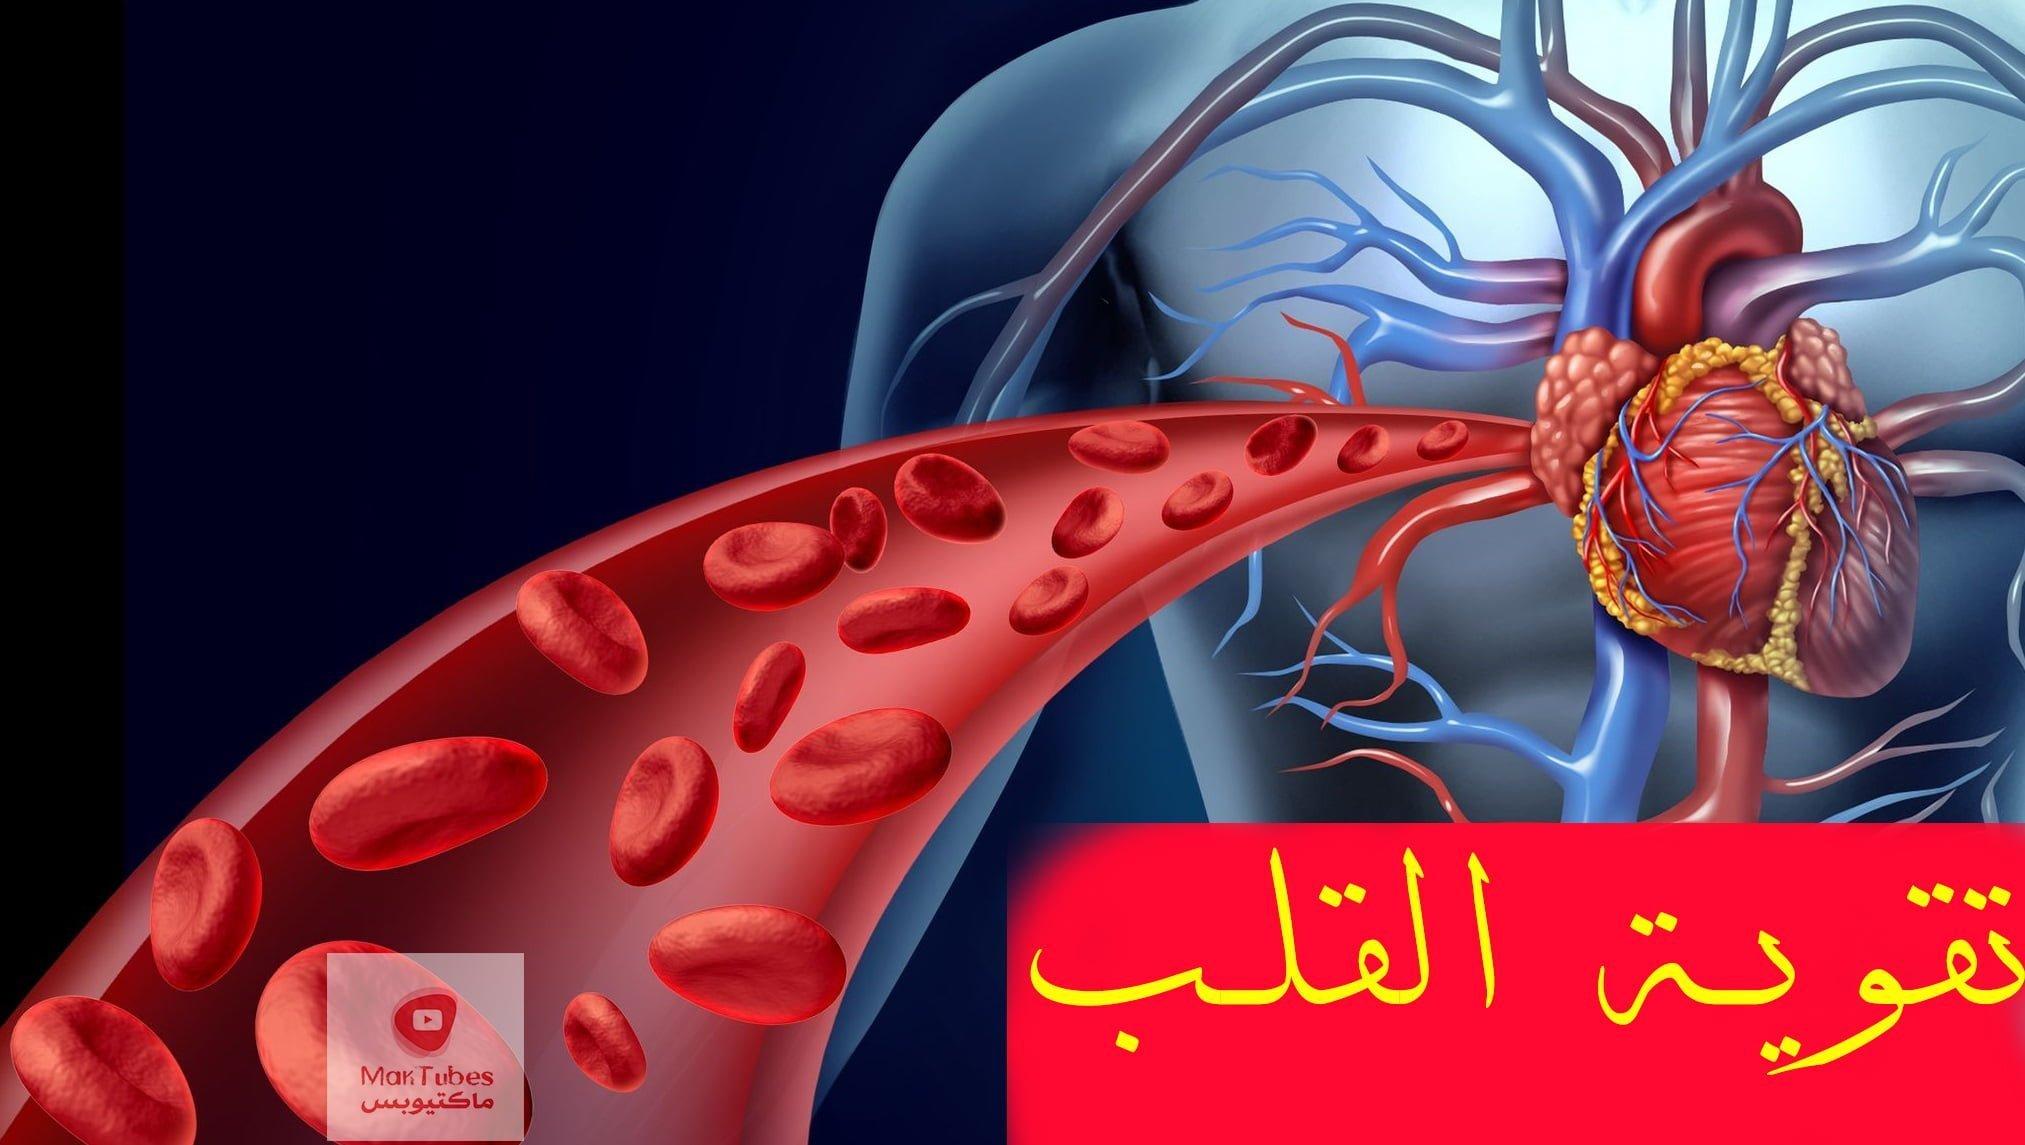 تقوية القلب | القلب هو أعظم محرك في العالم | كيف يمكن تقوية القلب؟